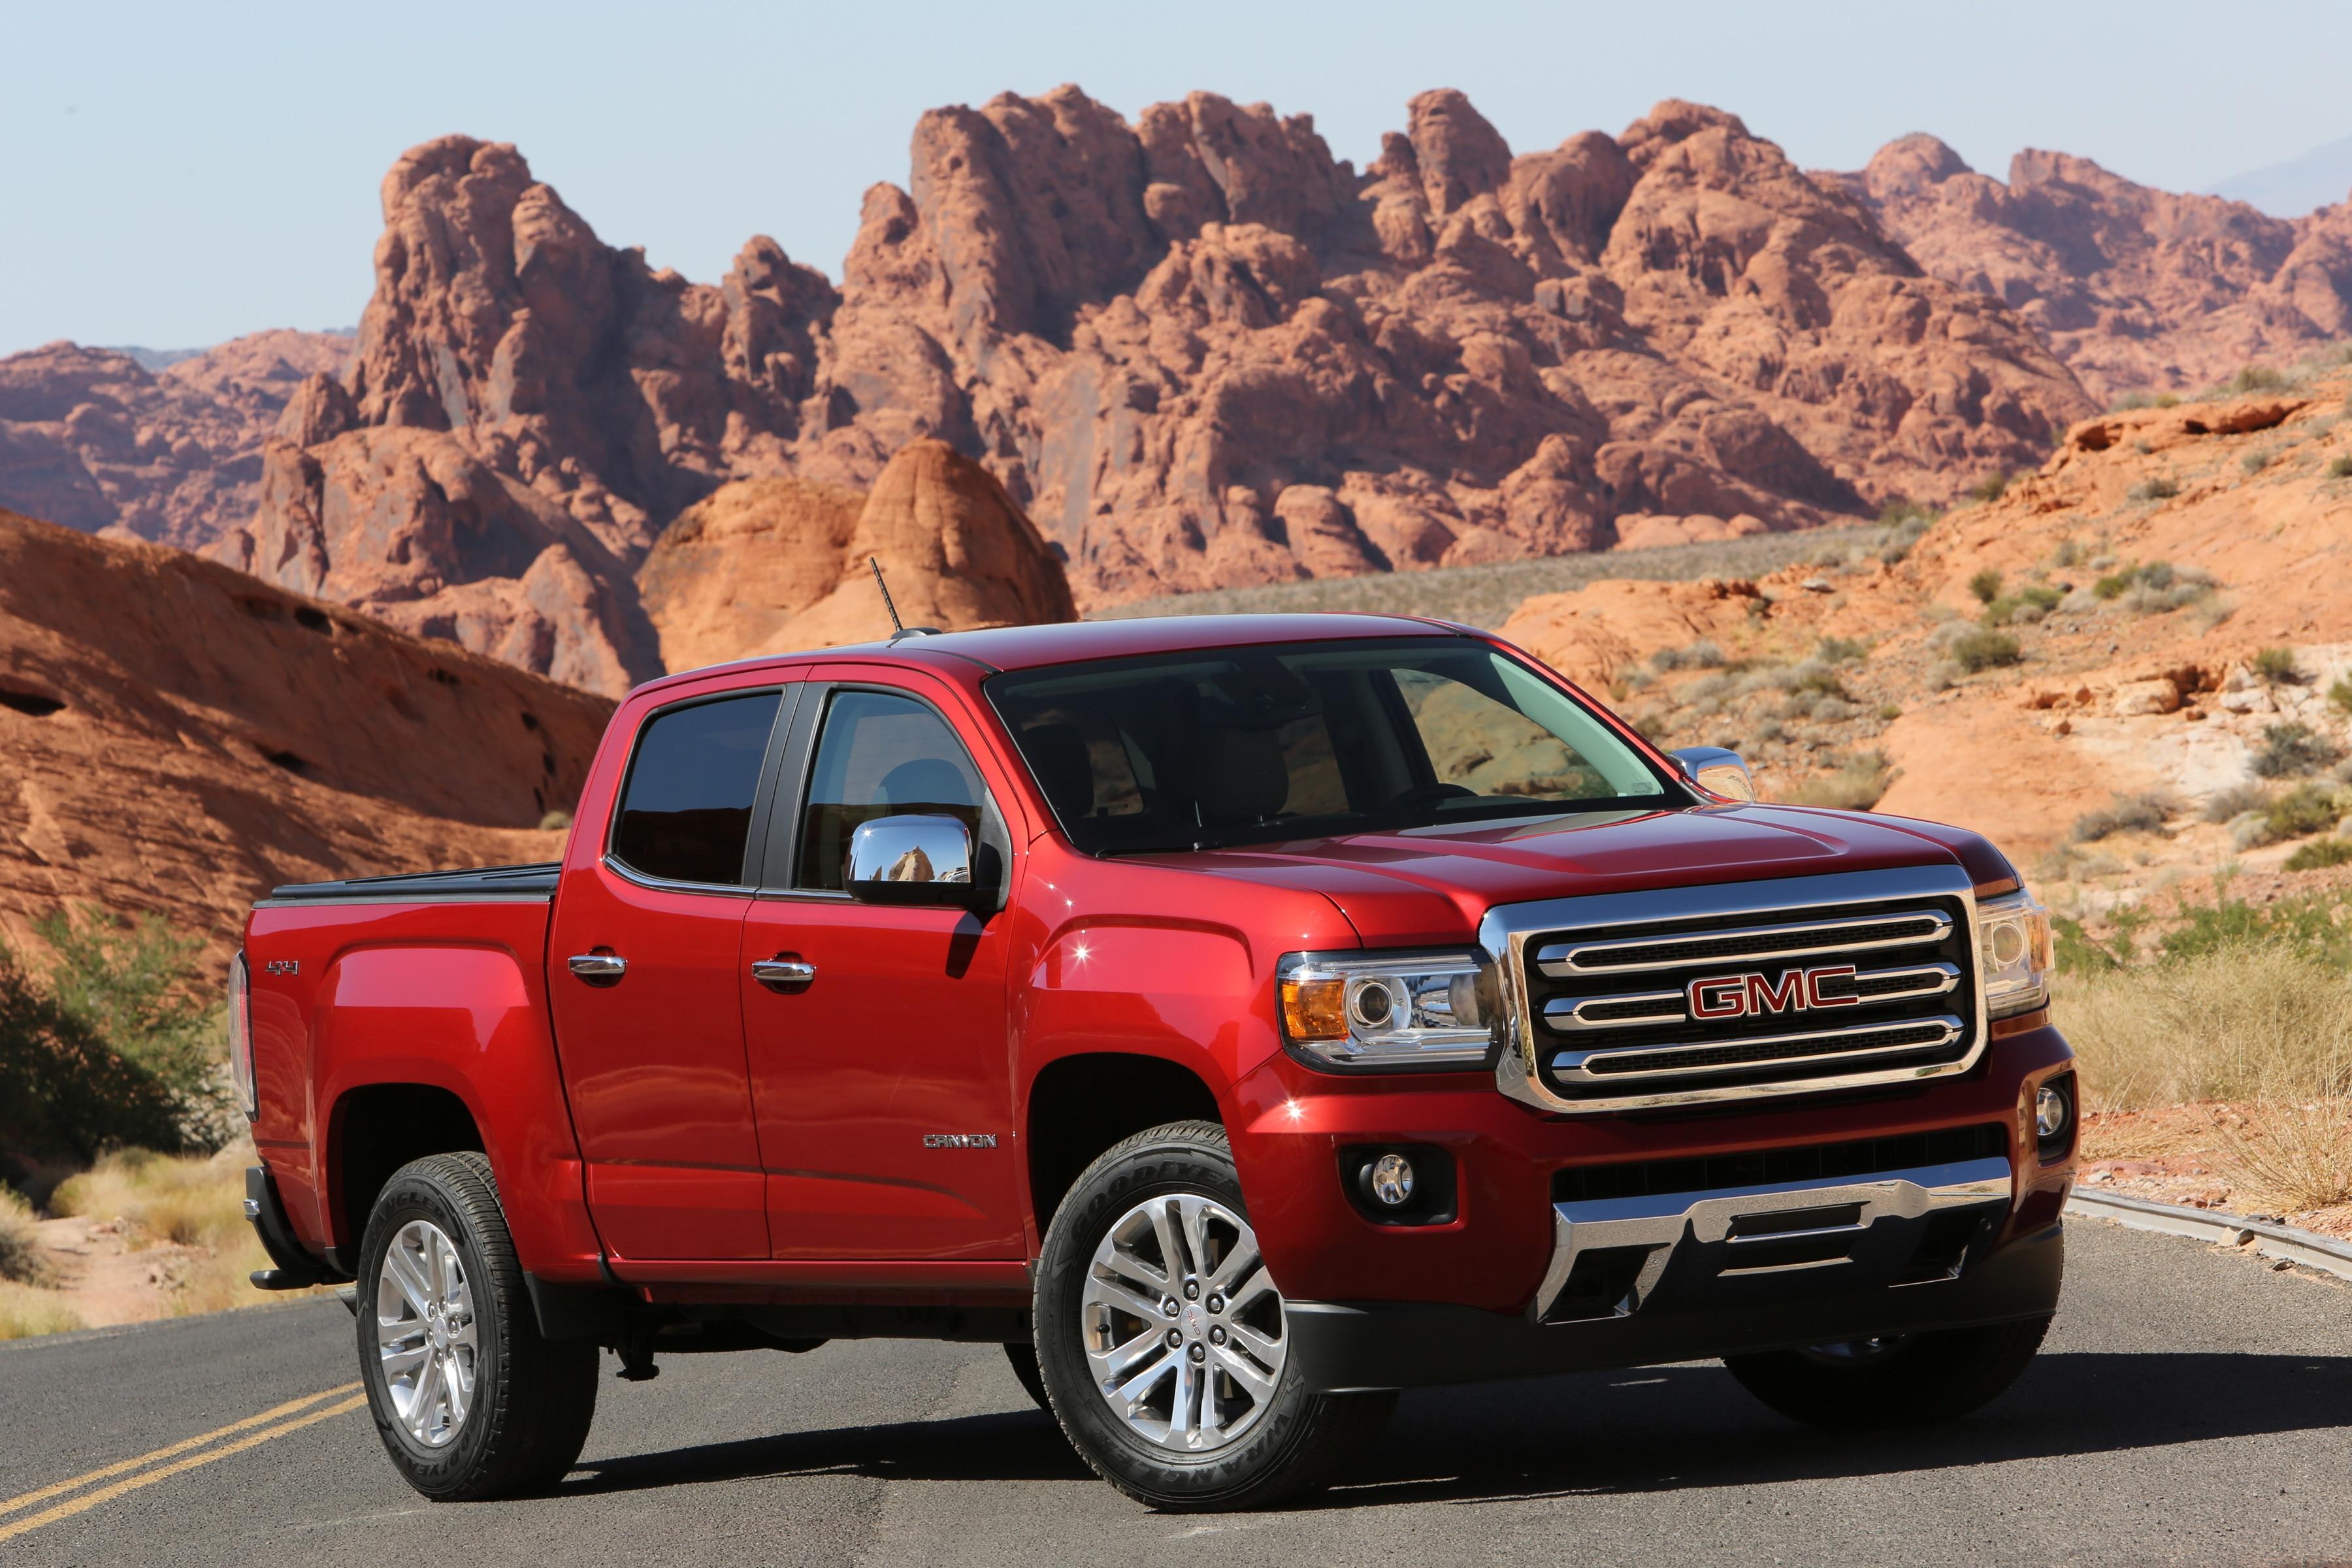 2019 Canyon: Small Pickup Truck - GMC